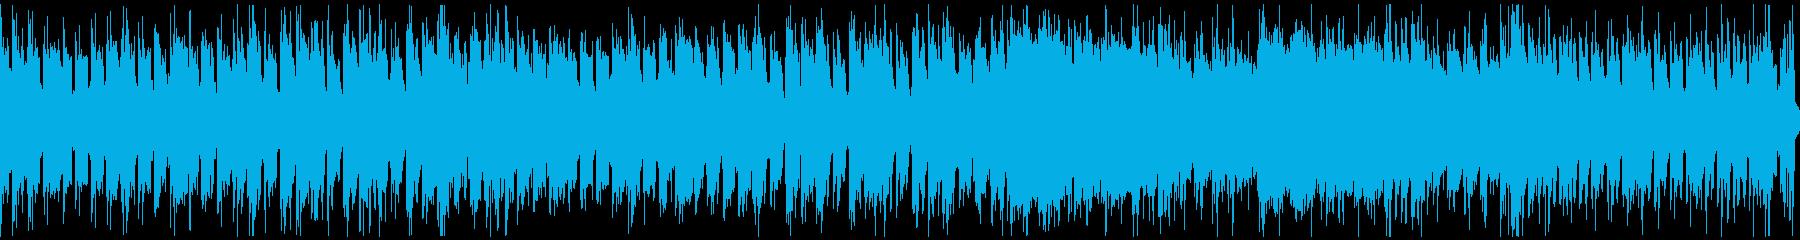 砂漠のエスニック曲(ループ)の再生済みの波形